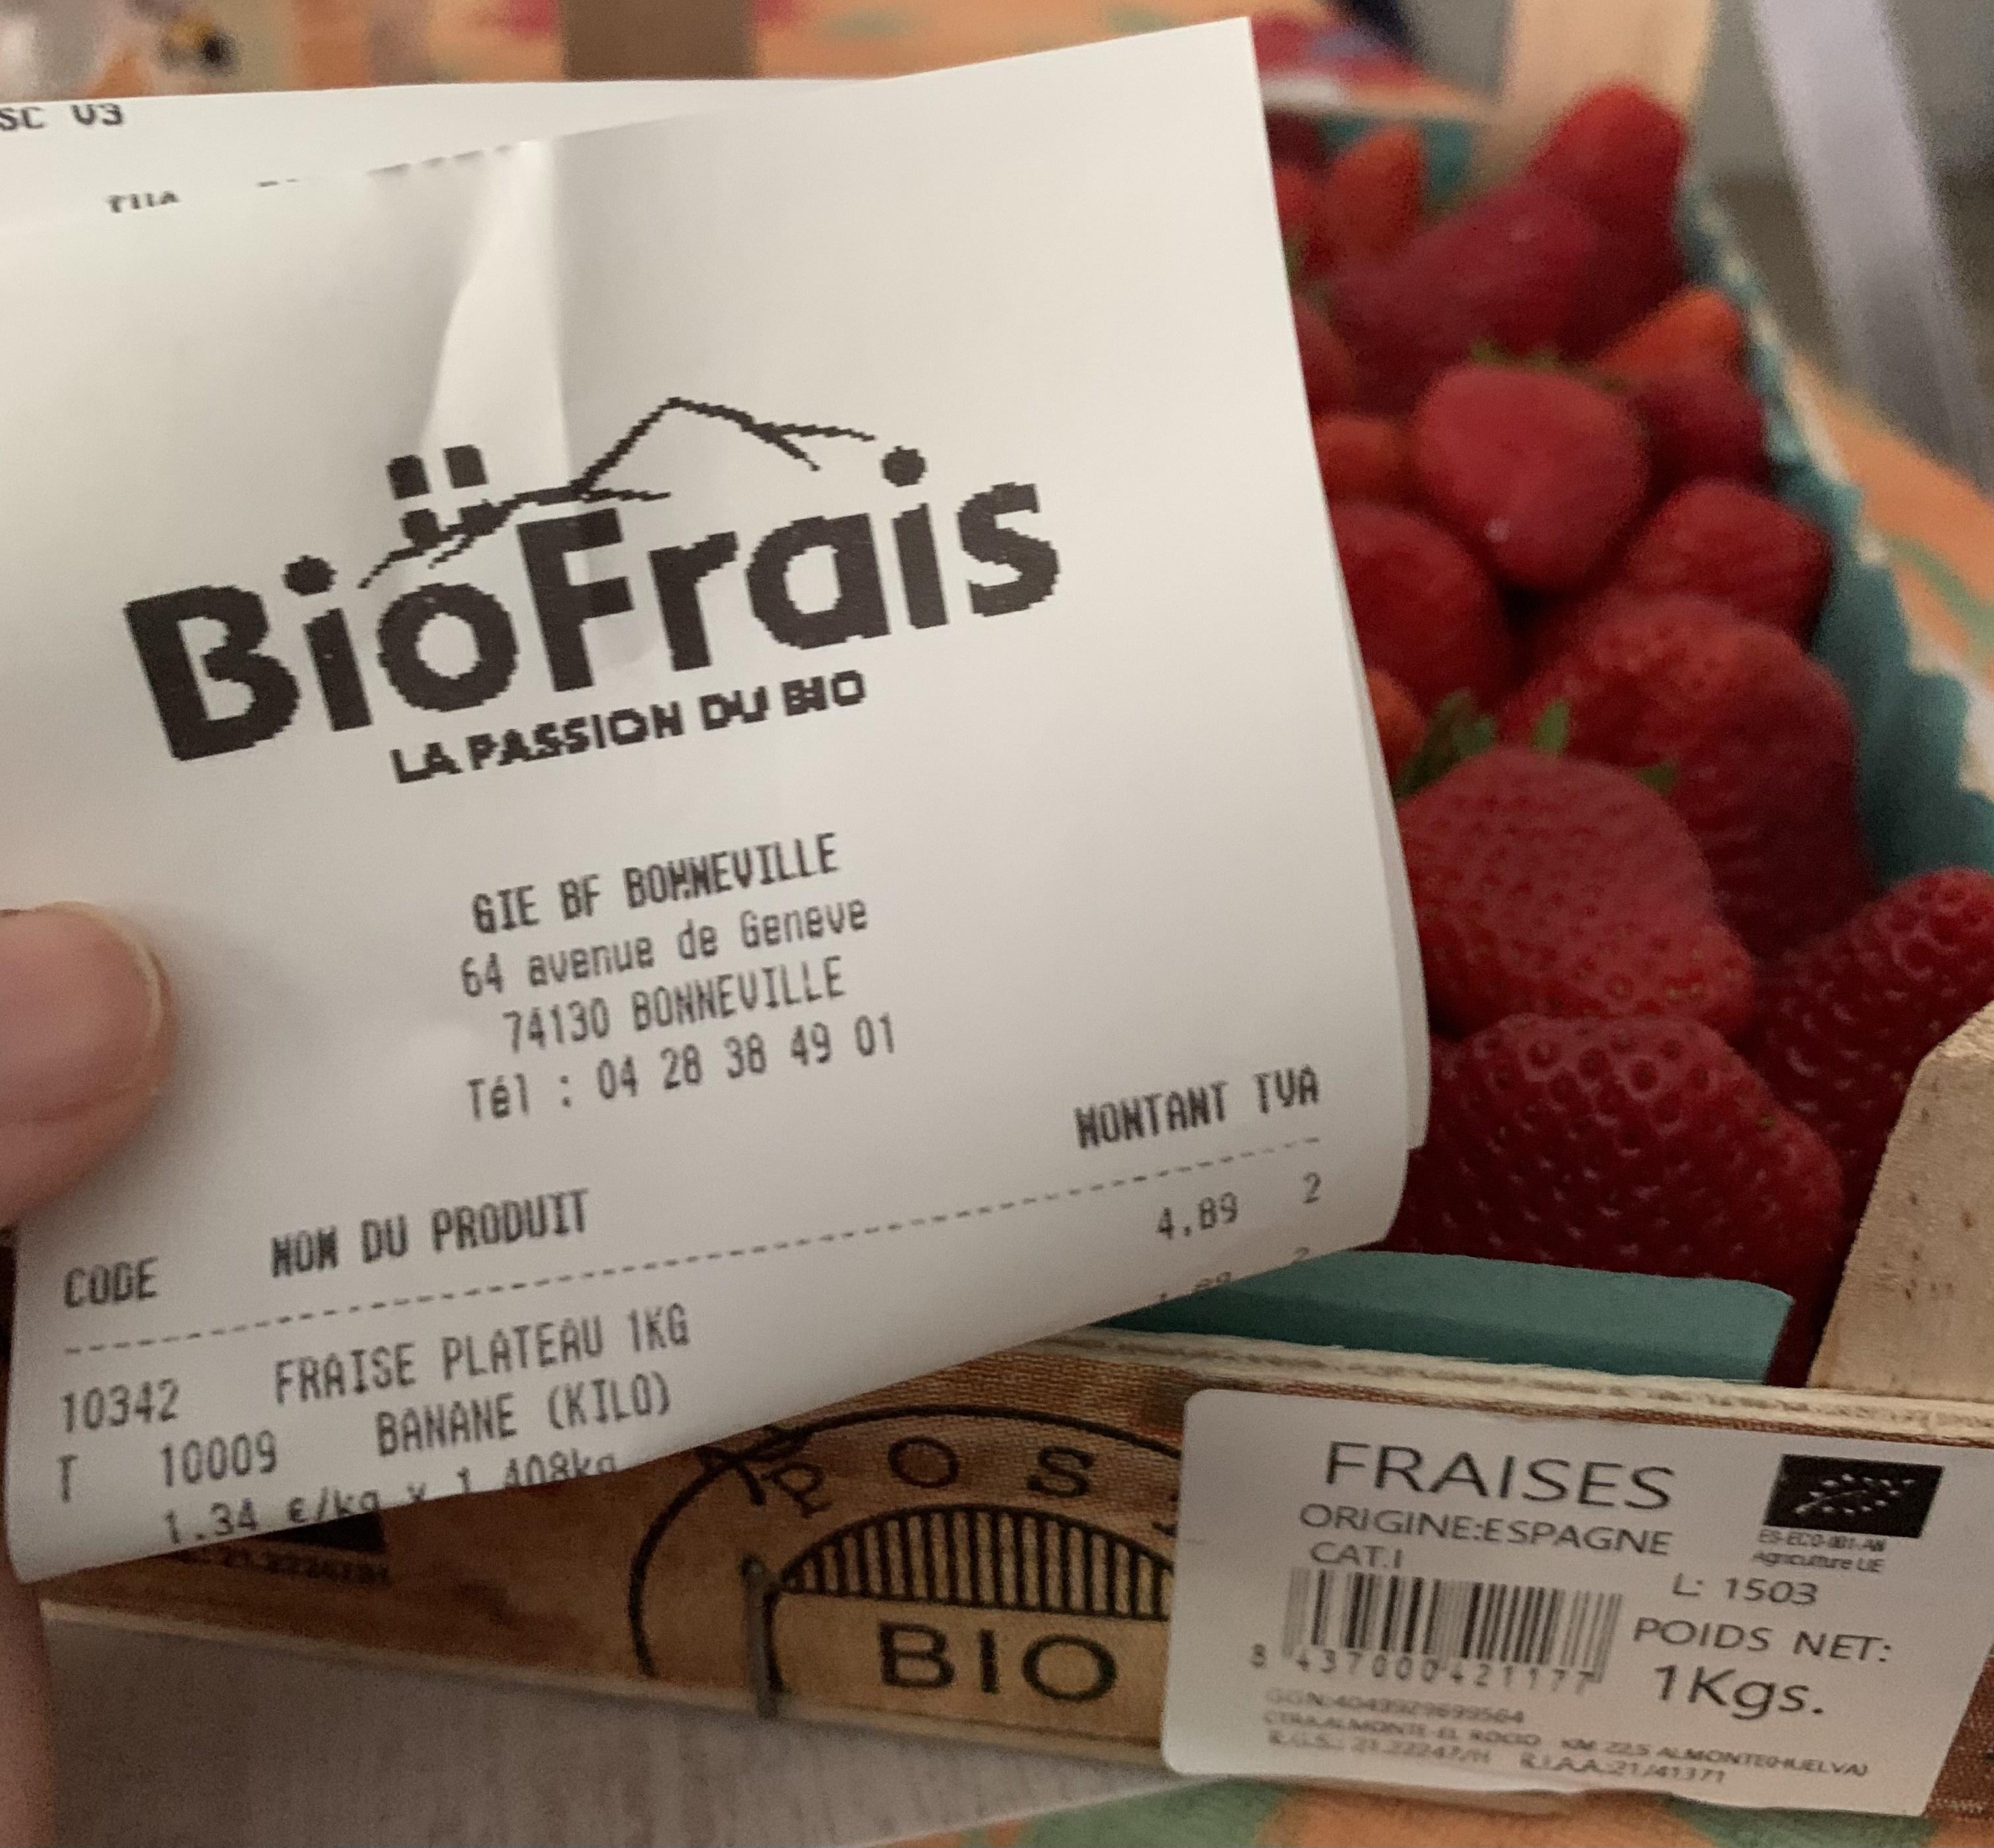 Plateau de 1kg de fraises Bio (Origine Espagne) - Biofrais Bonneville (74)